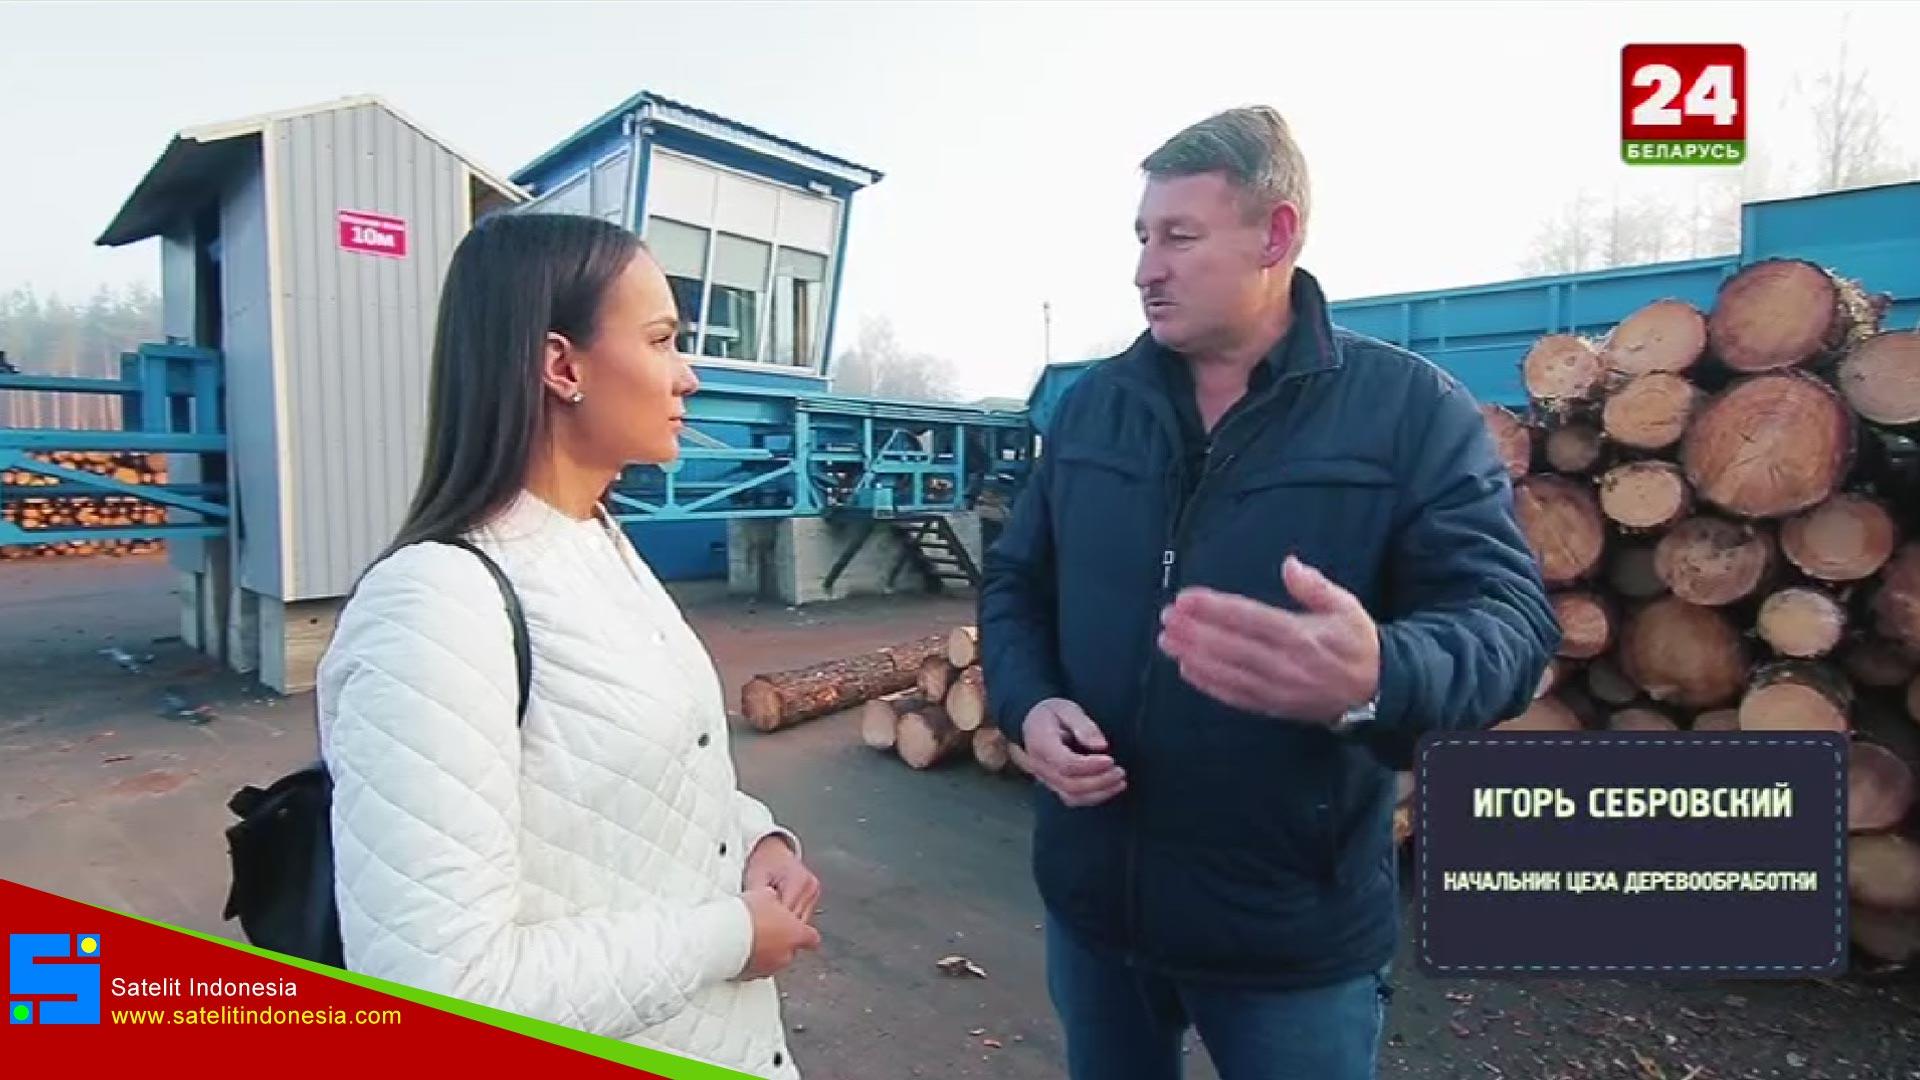 Frekuensi siaran Belarus TV di satelit AsiaSat 5 Terbaru